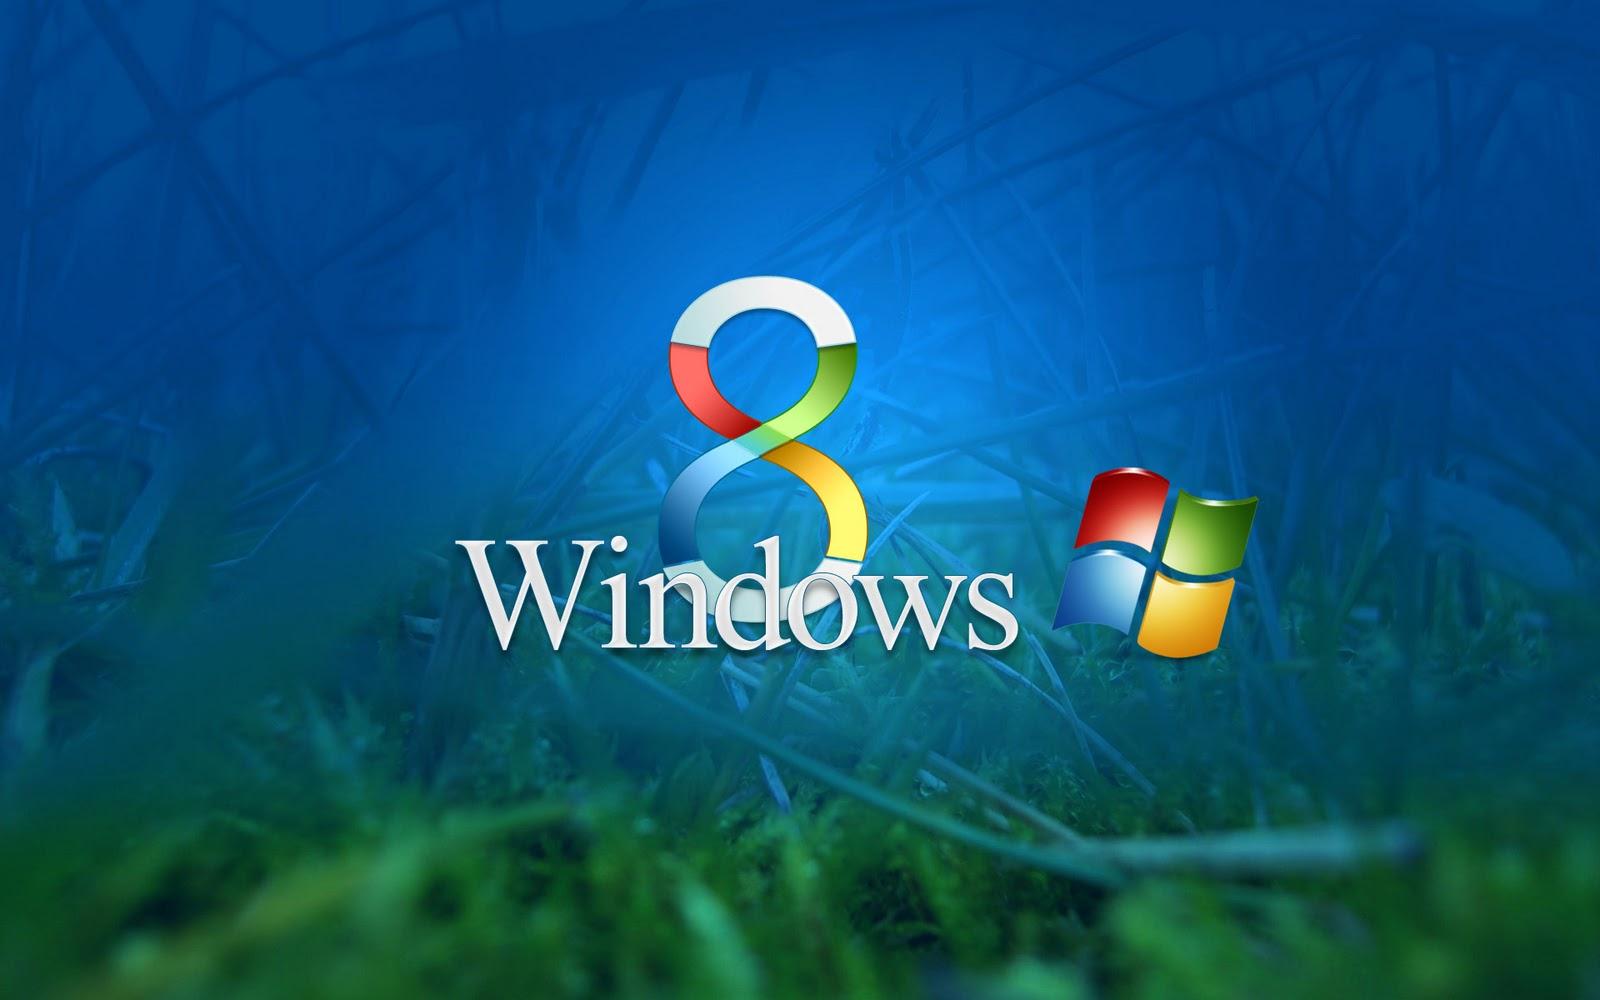 http://3.bp.blogspot.com/-juvS89YtP8A/TpZ1JoeQISI/AAAAAAAAAHk/VdsxfXVWS8w/s1600/Unofficial-Windows-8-Wallpaper.jpg